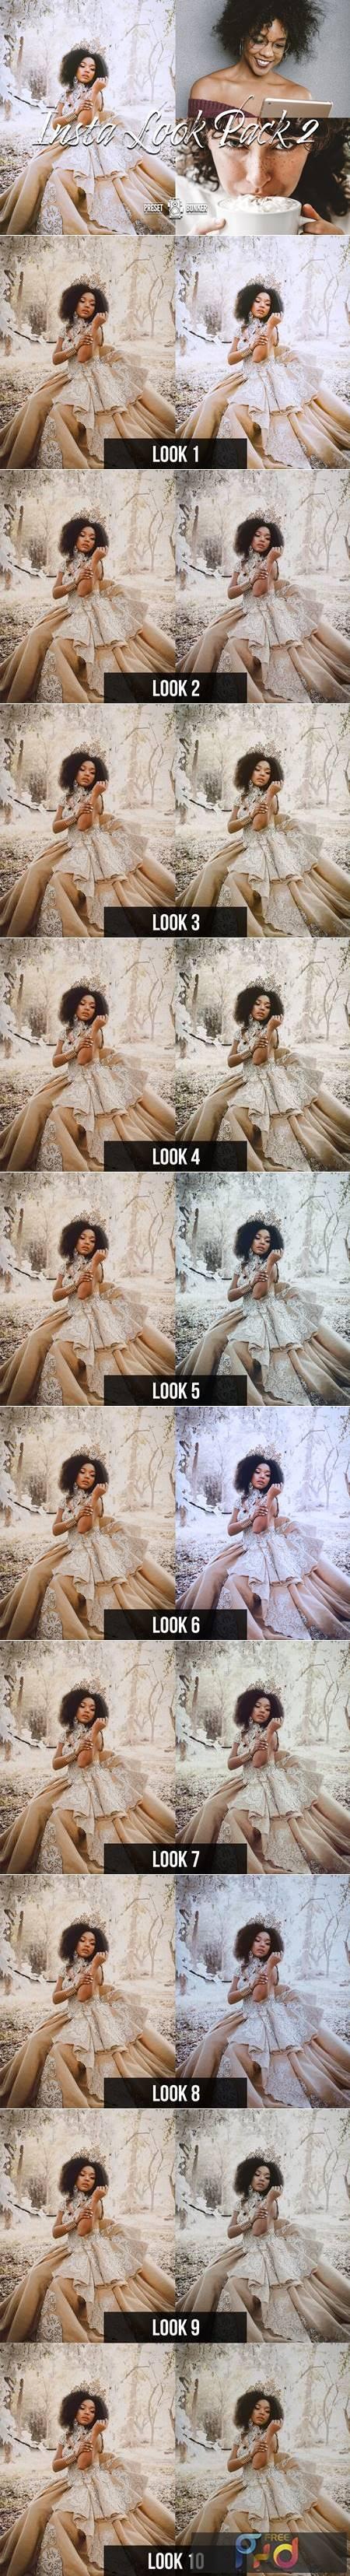 Lightroom Presets - Insta Look 2 6237909 1